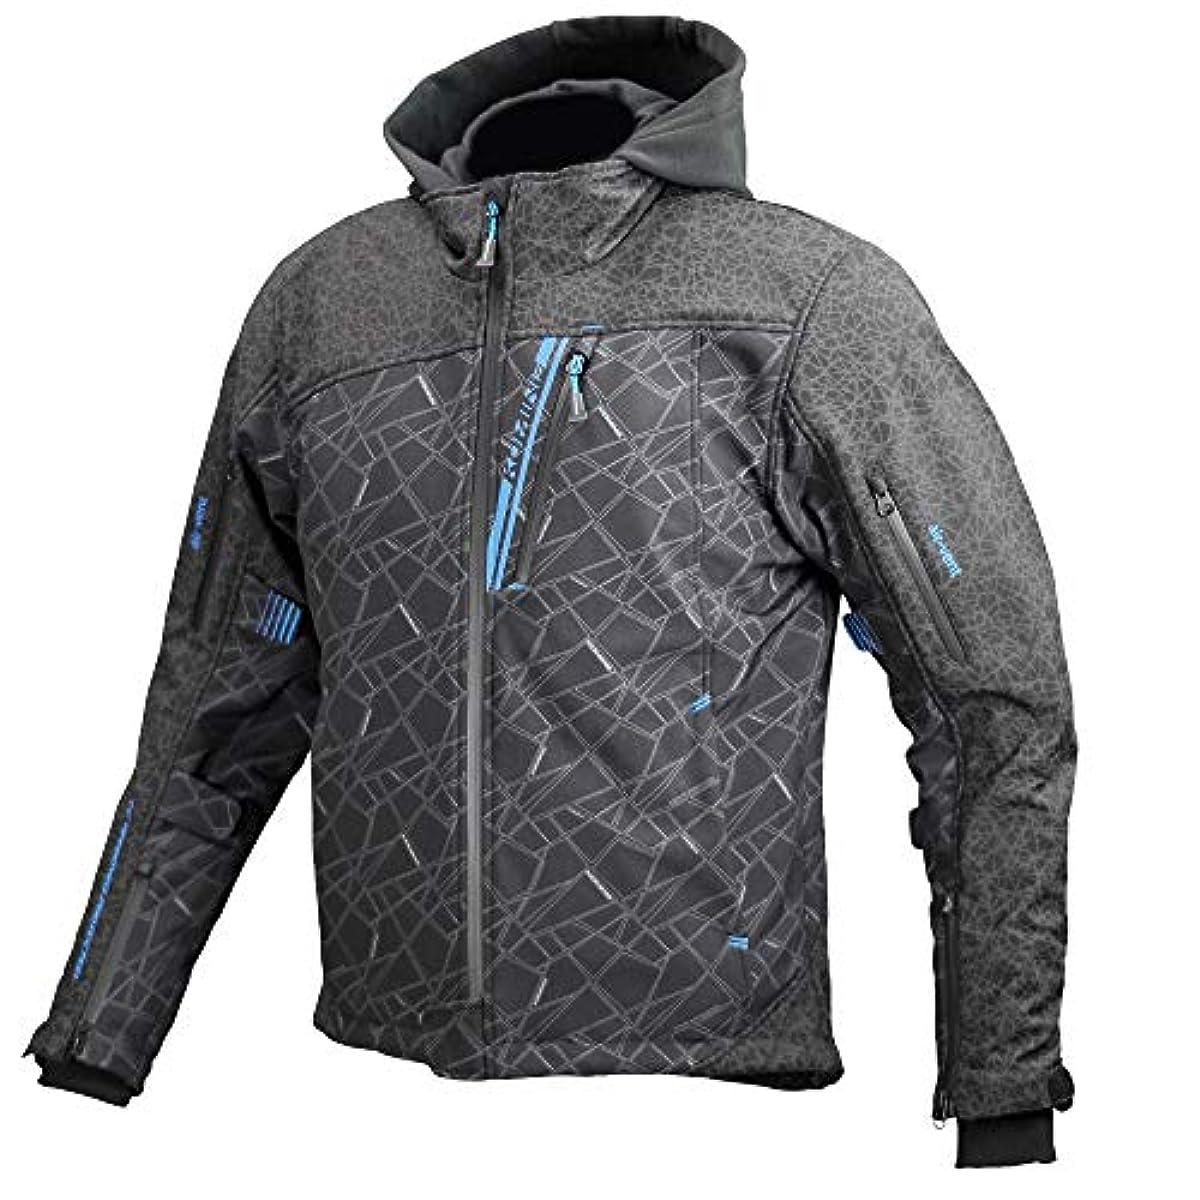 [해외] 코미네 KOMINE 오토바이 프로텍트 소프트 쉘 겨울 파카 재킷 아우터 프로텍터 방풍 보온 추동 HR BLACK/ WL(레이디스) 07-590 JK-590